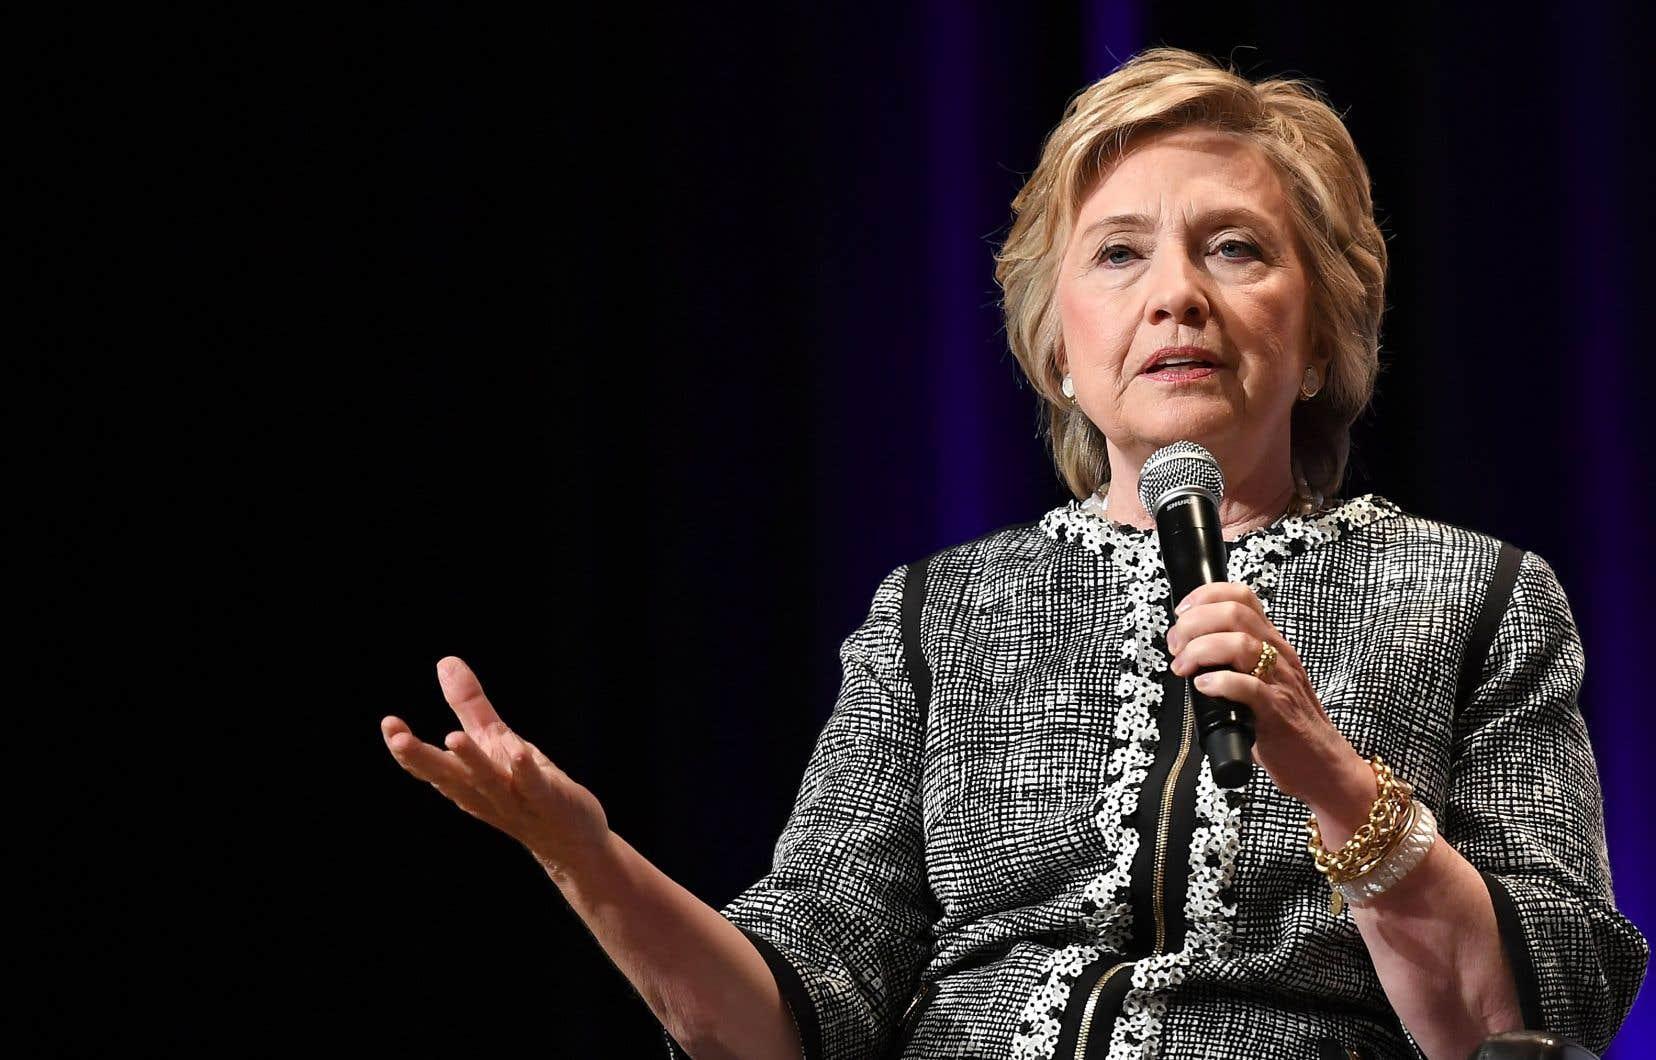 L'ex-candidate démocrate à la présidence américaine, Hillary Clinton